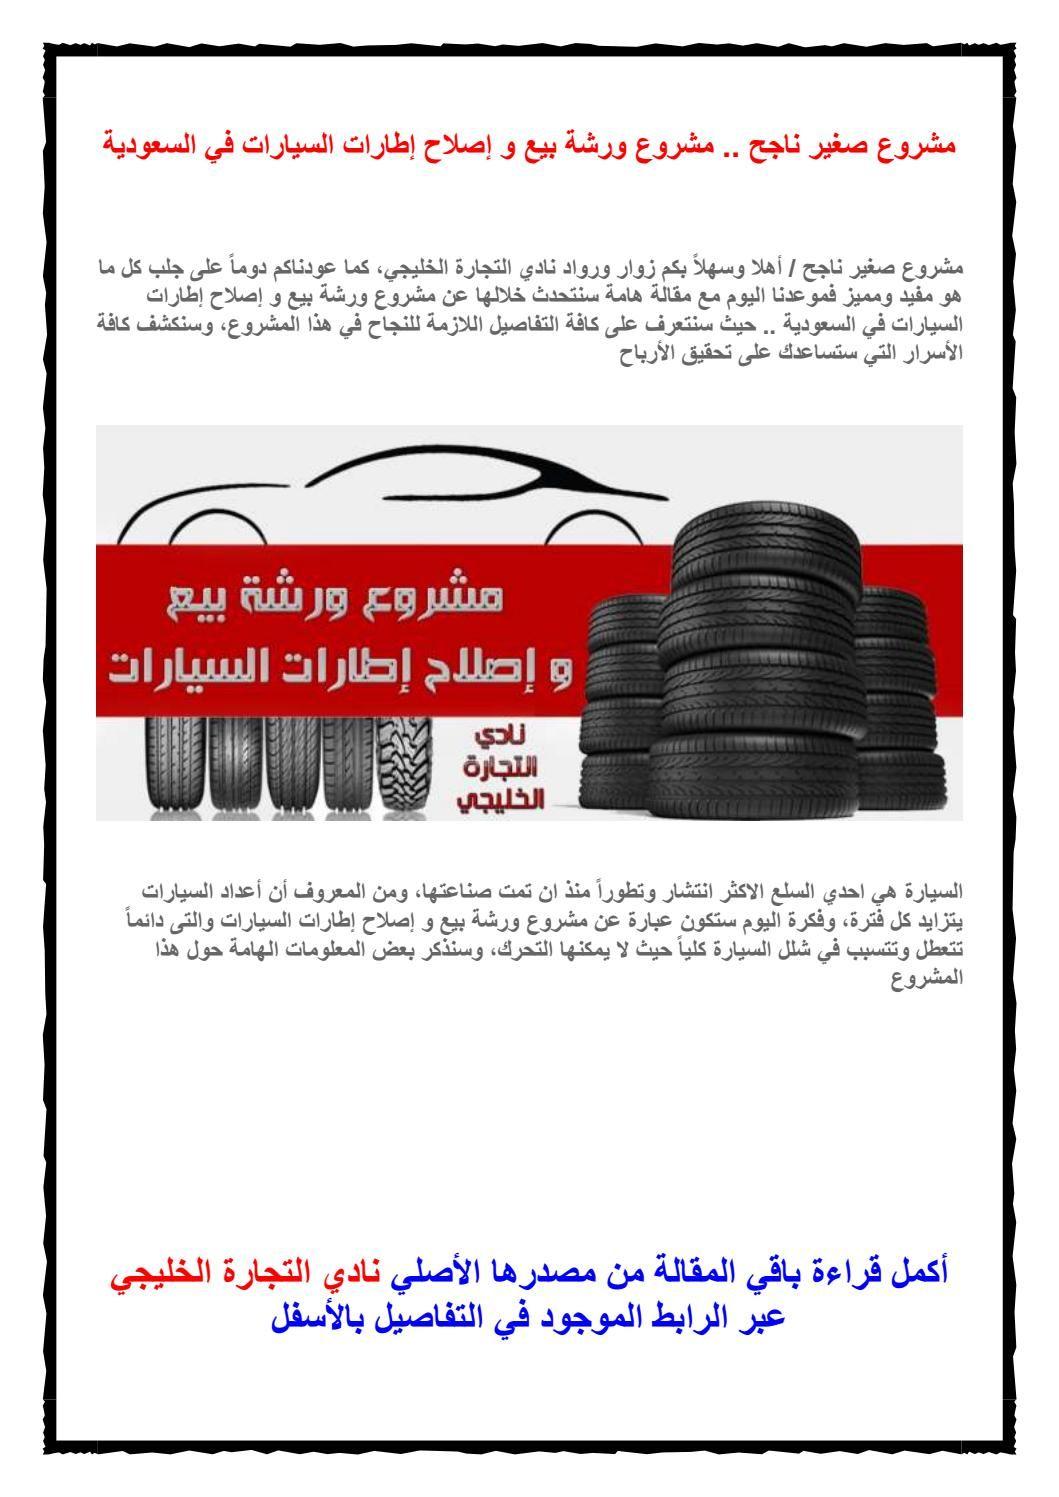 مشروع صغير ناجح مشروع ورشة بيع و إصلاح إطارات السيارات في السعودية